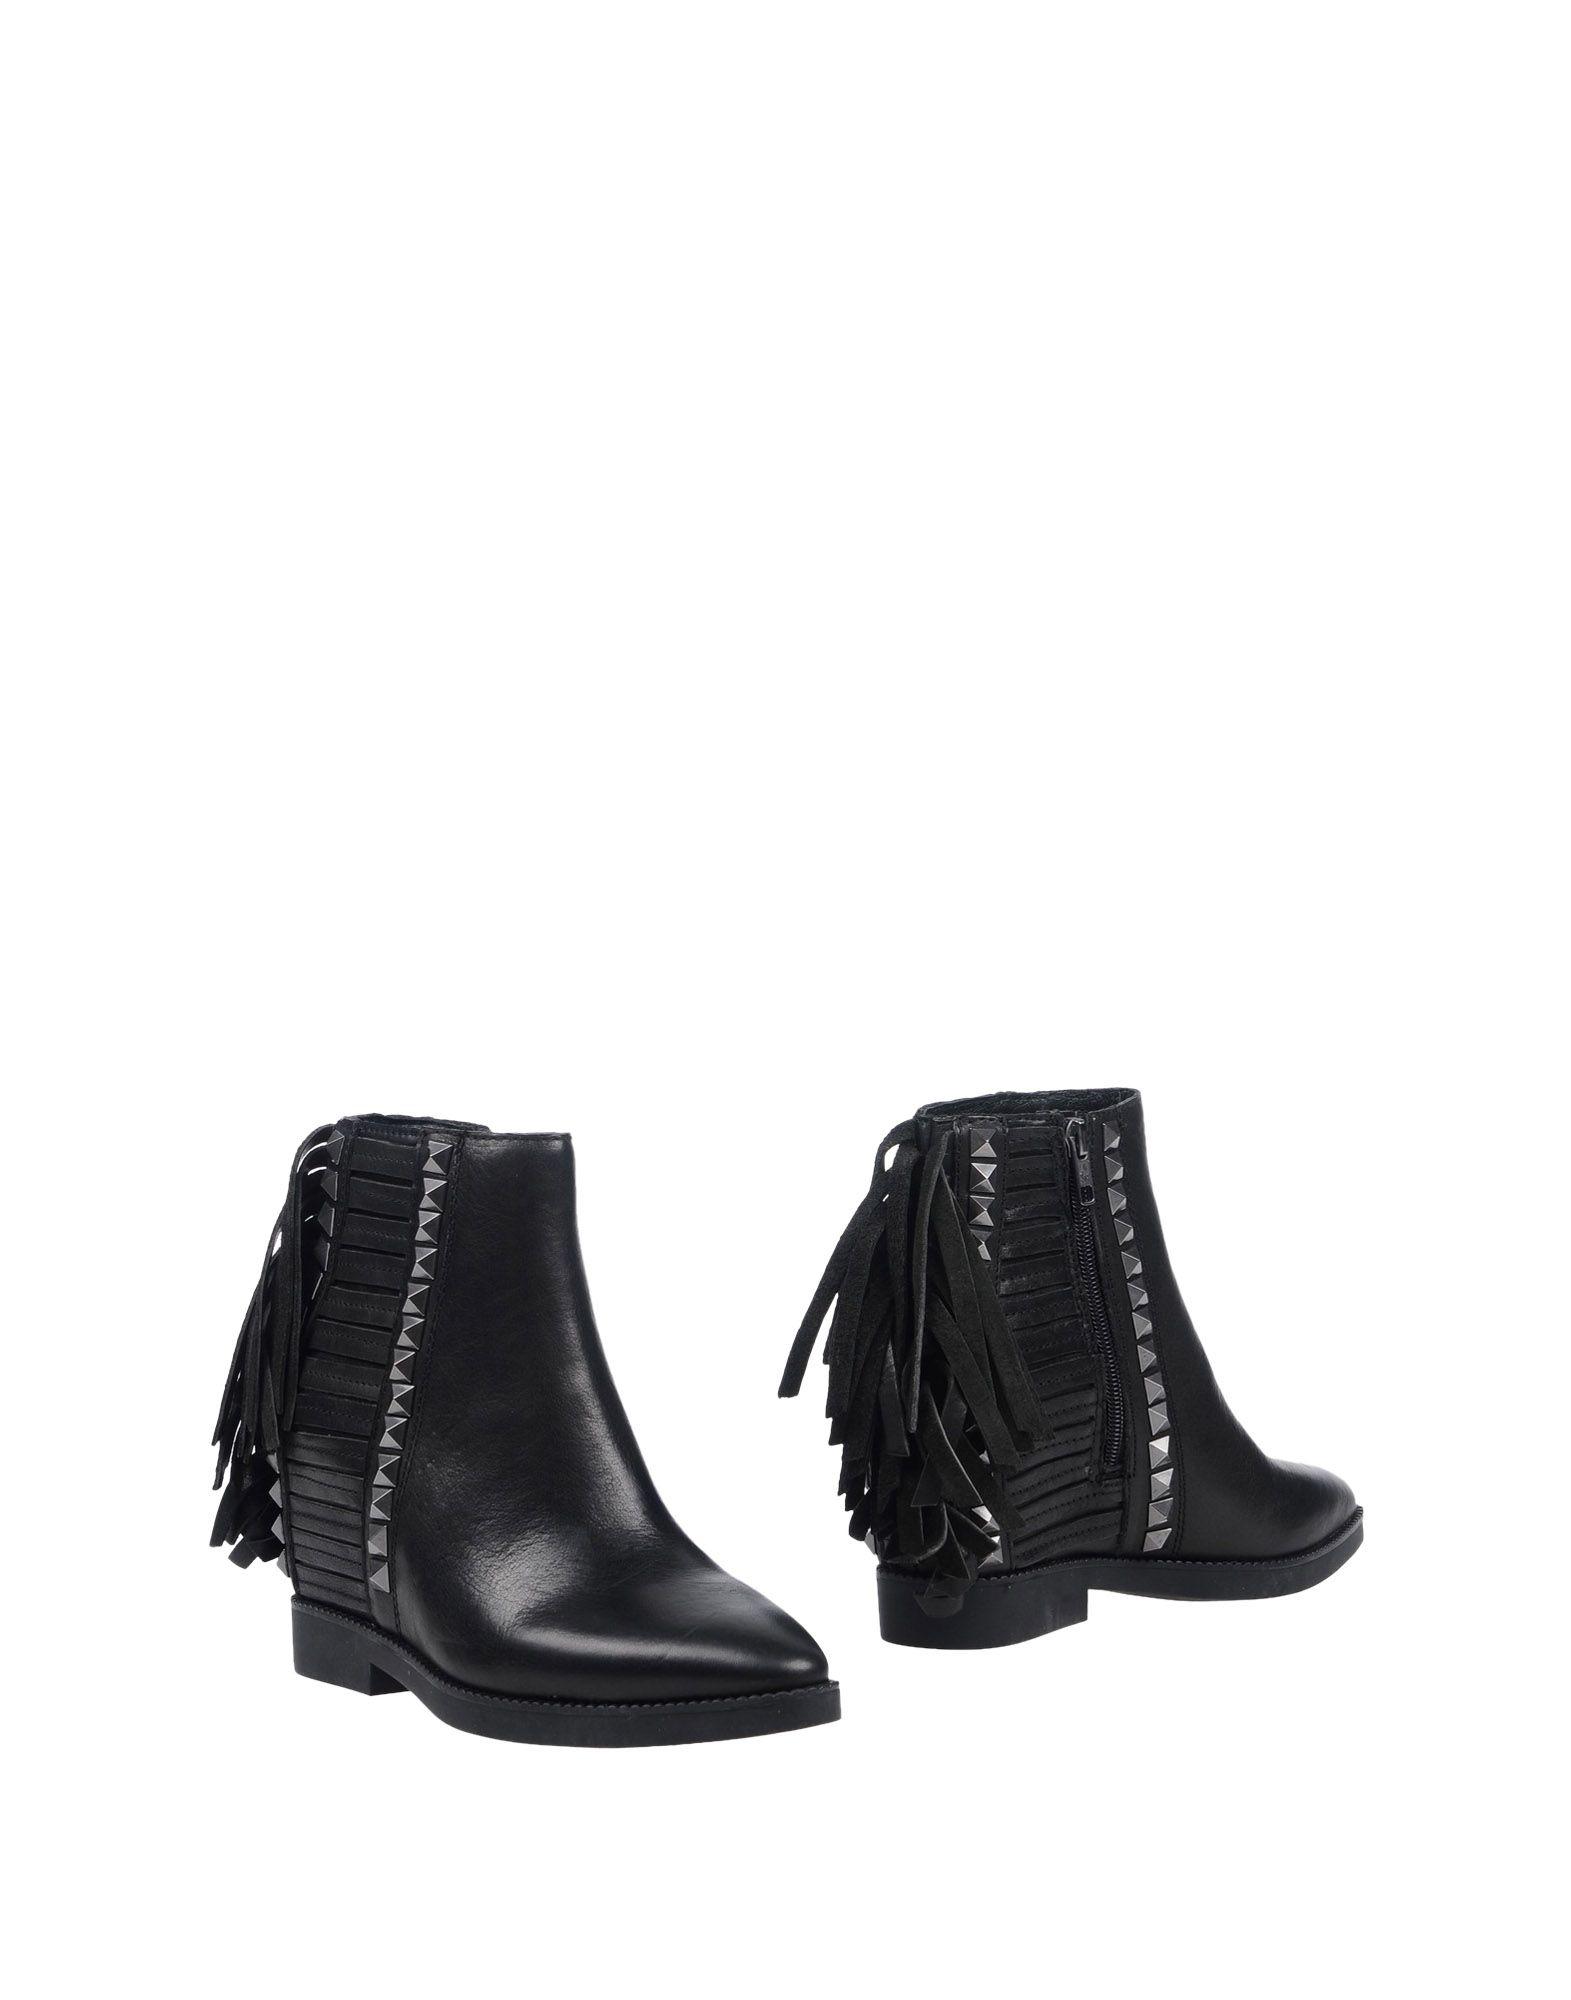 Ash Stiefelette Damen  11460008UTGut aussehende strapazierfähige Schuhe